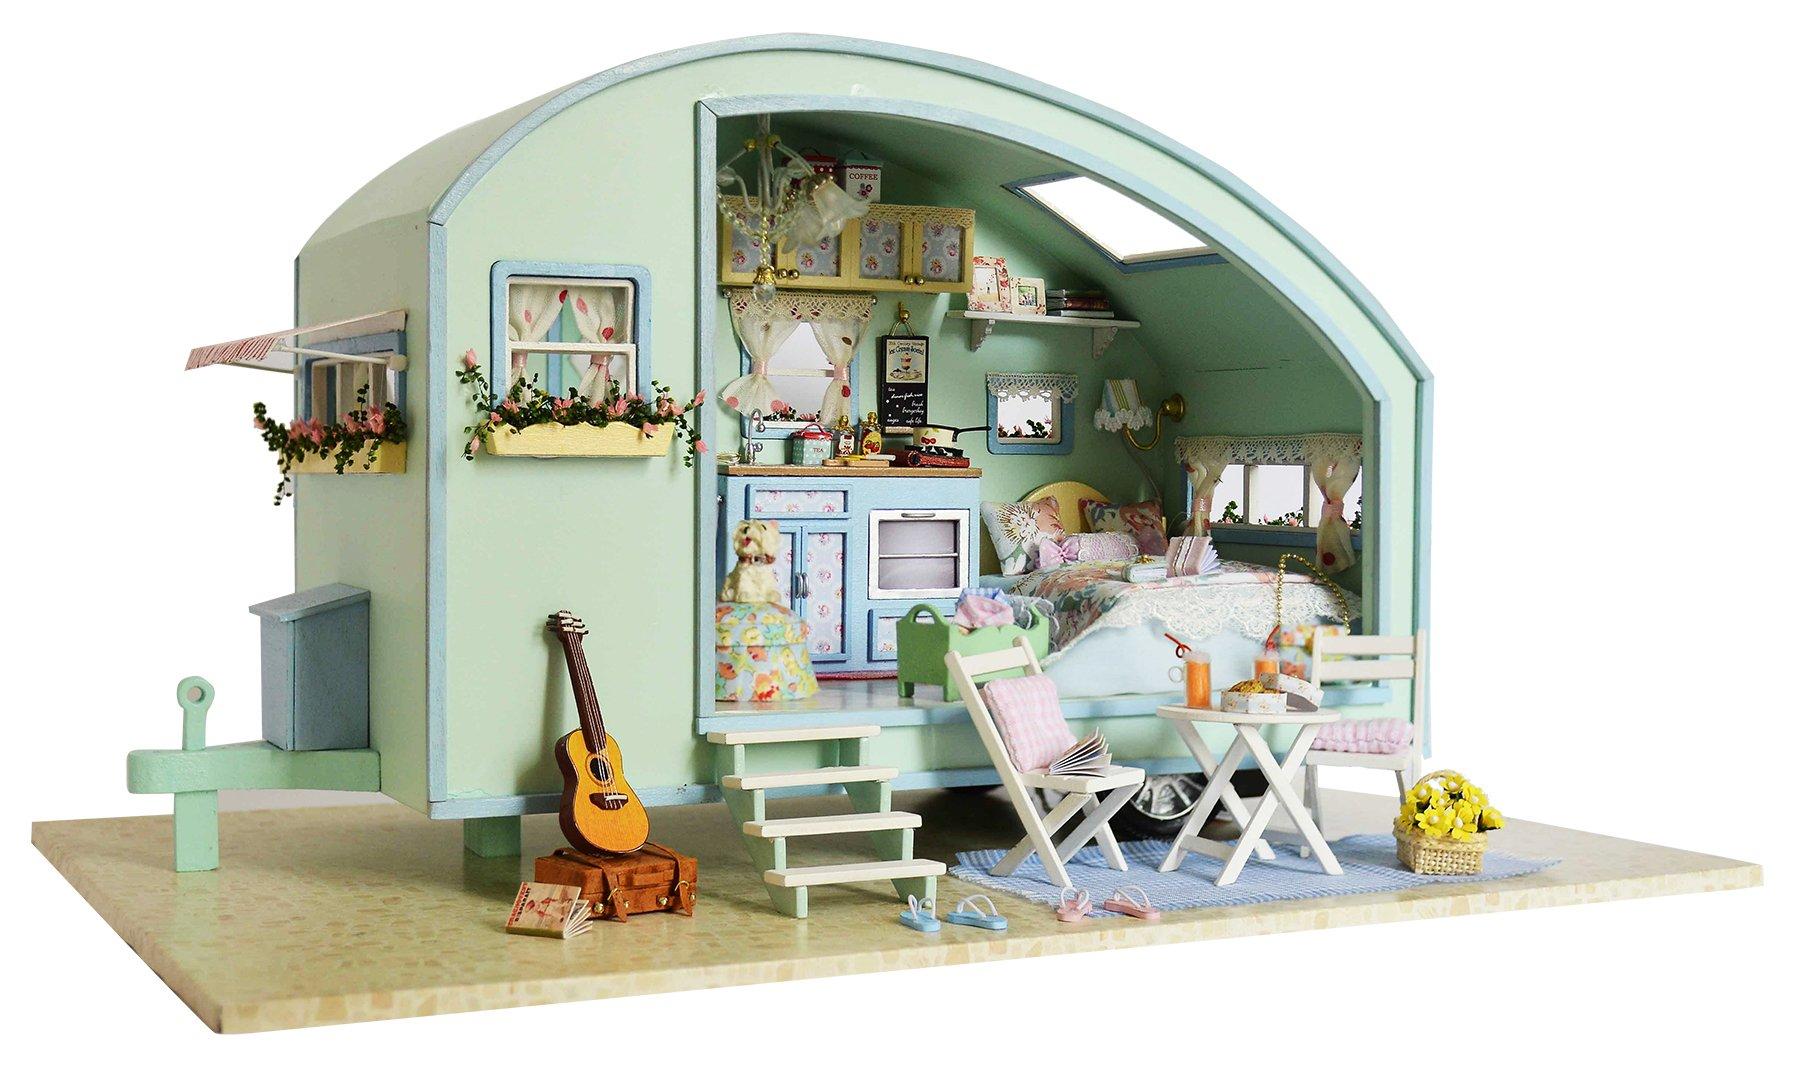 Mobili Per Casa Delle Bambole : Decente ikea produrrà anche mobili per la casa delle bambole le